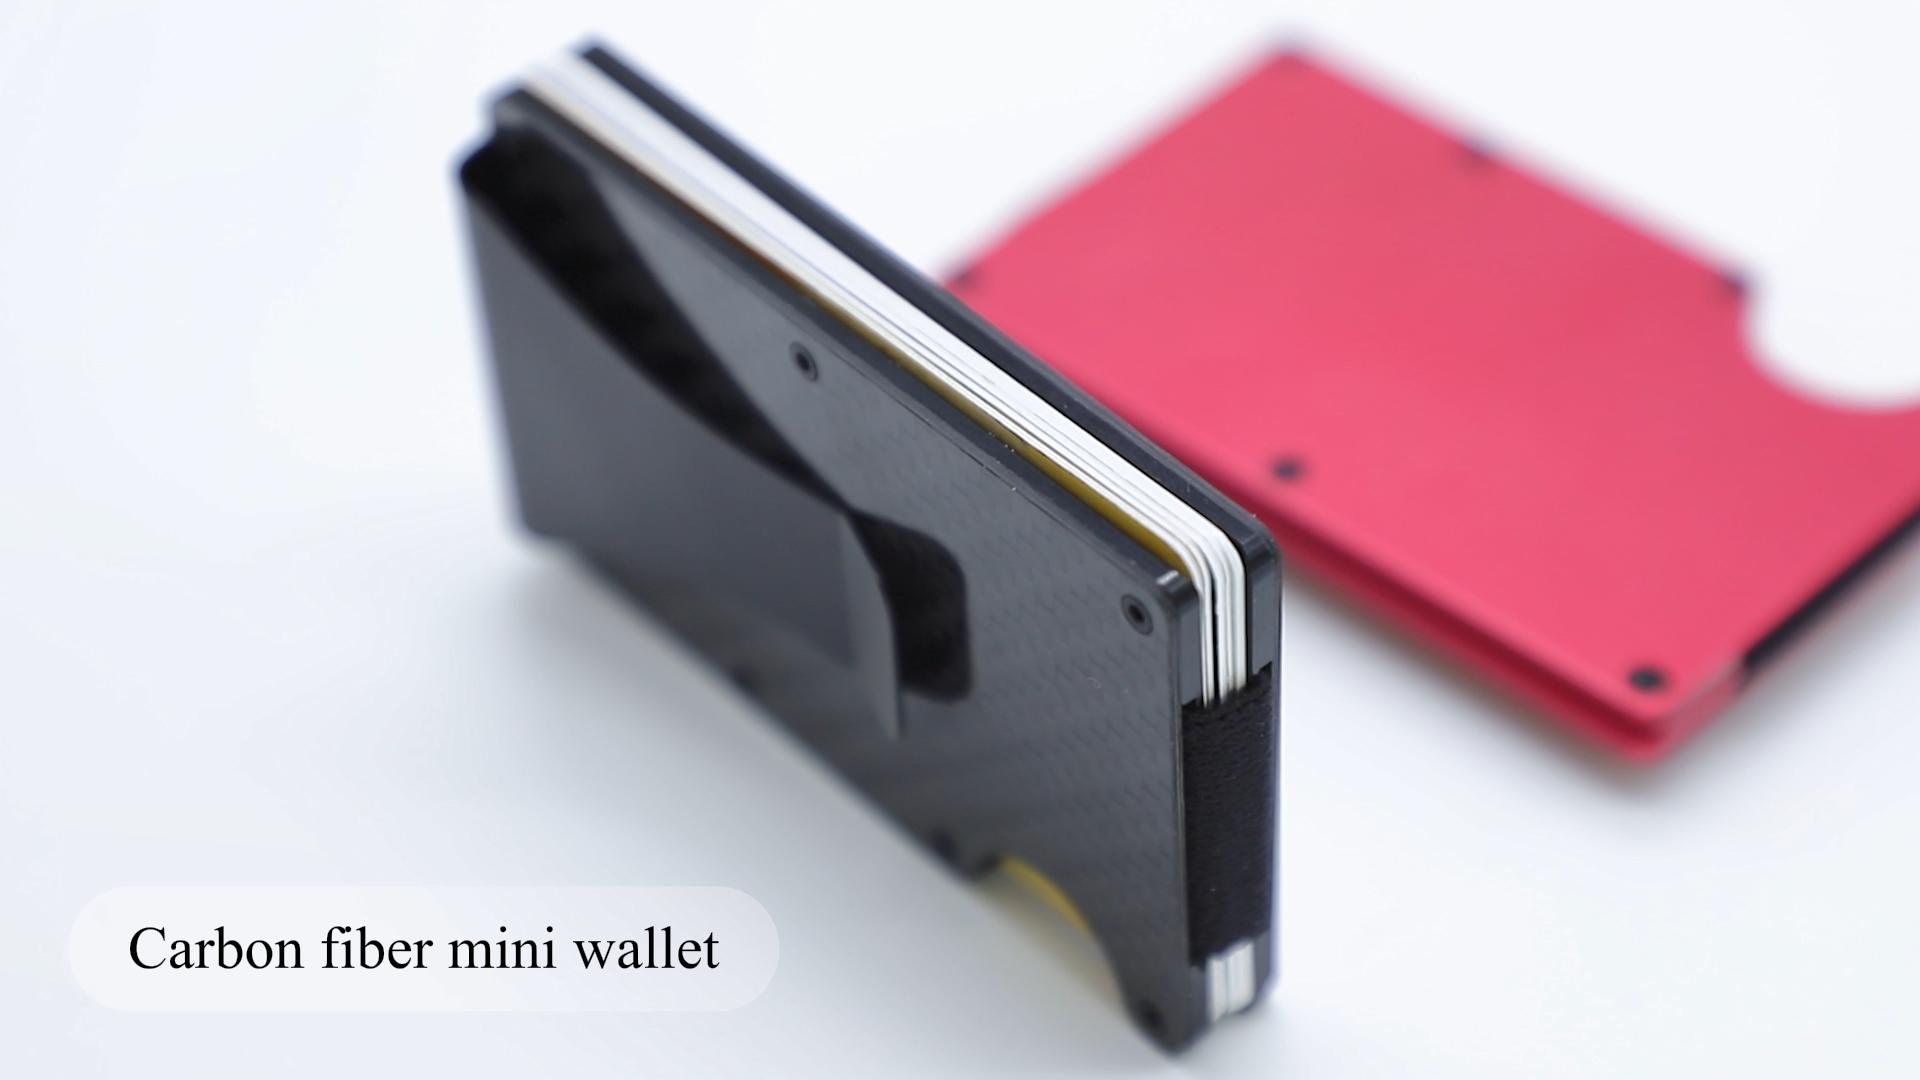 Excelusive RFID Carbon Fiber Wallet Tối Giản Ví Holders Thẻ Tín Dụng Với Tiền Clip